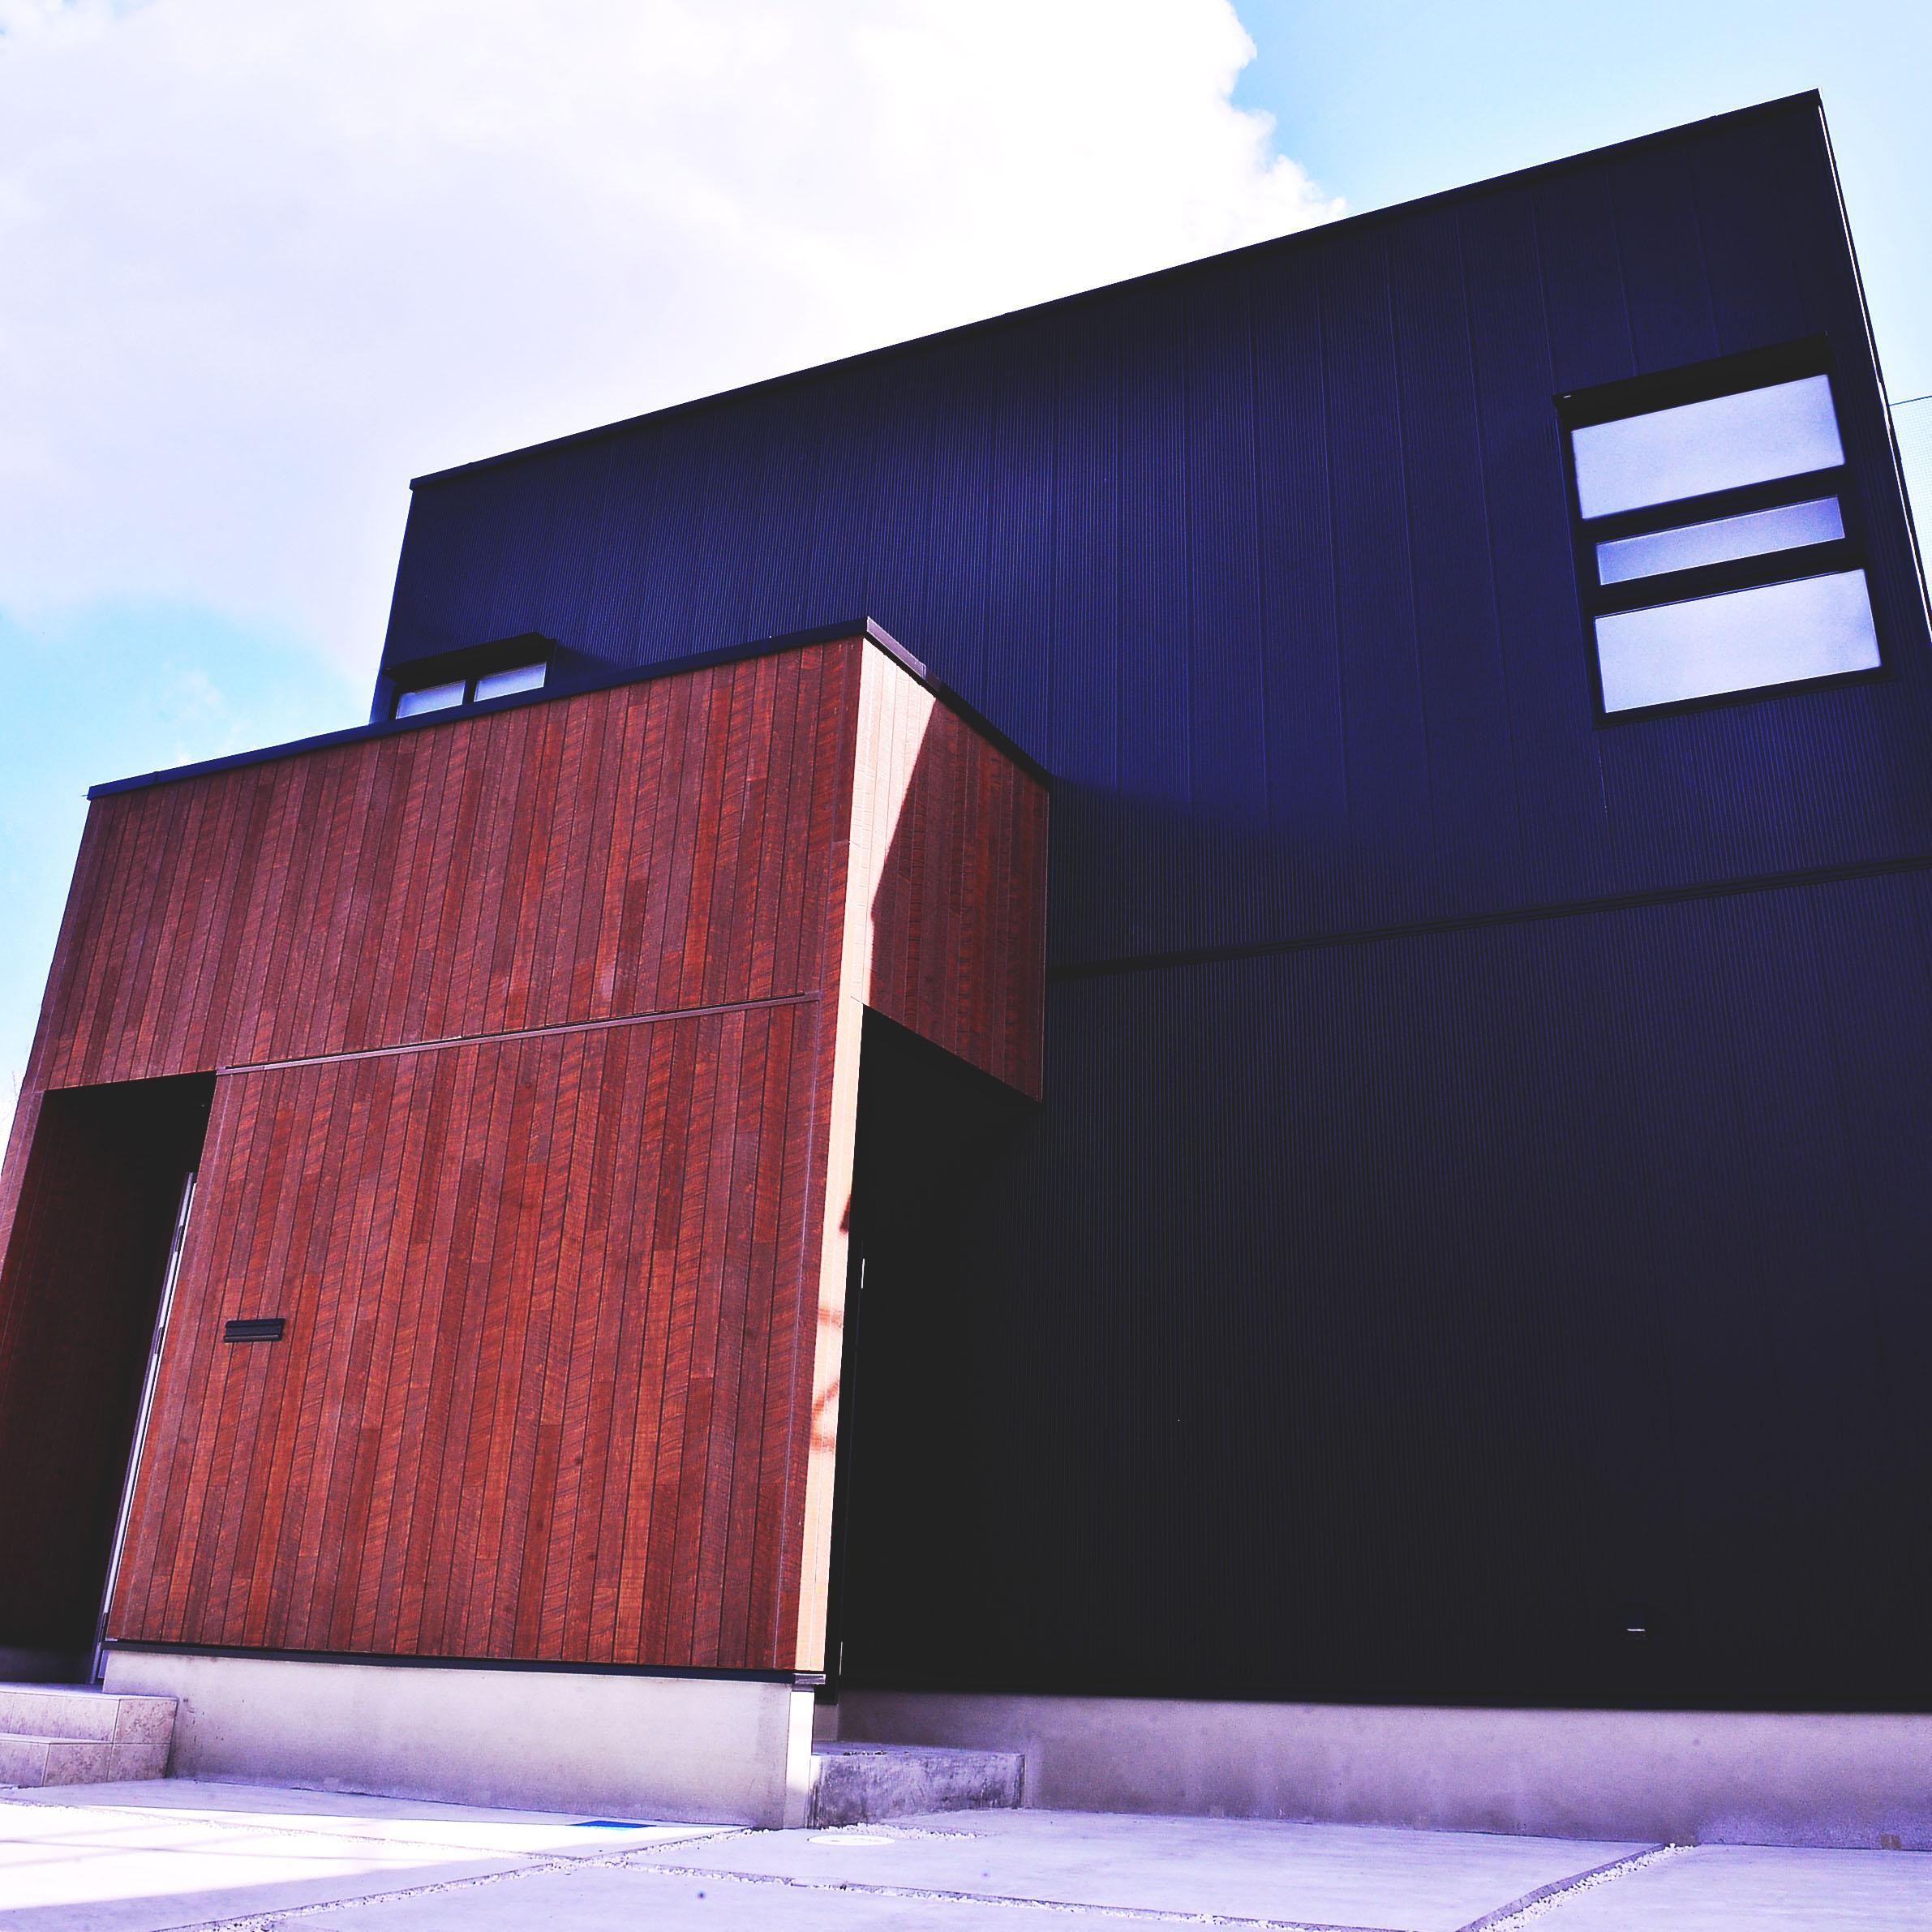 鳥取で建築写真や竣工写真の撮影をするならマジカルフォトワークを紹介する写真-鳥取建築写真-1